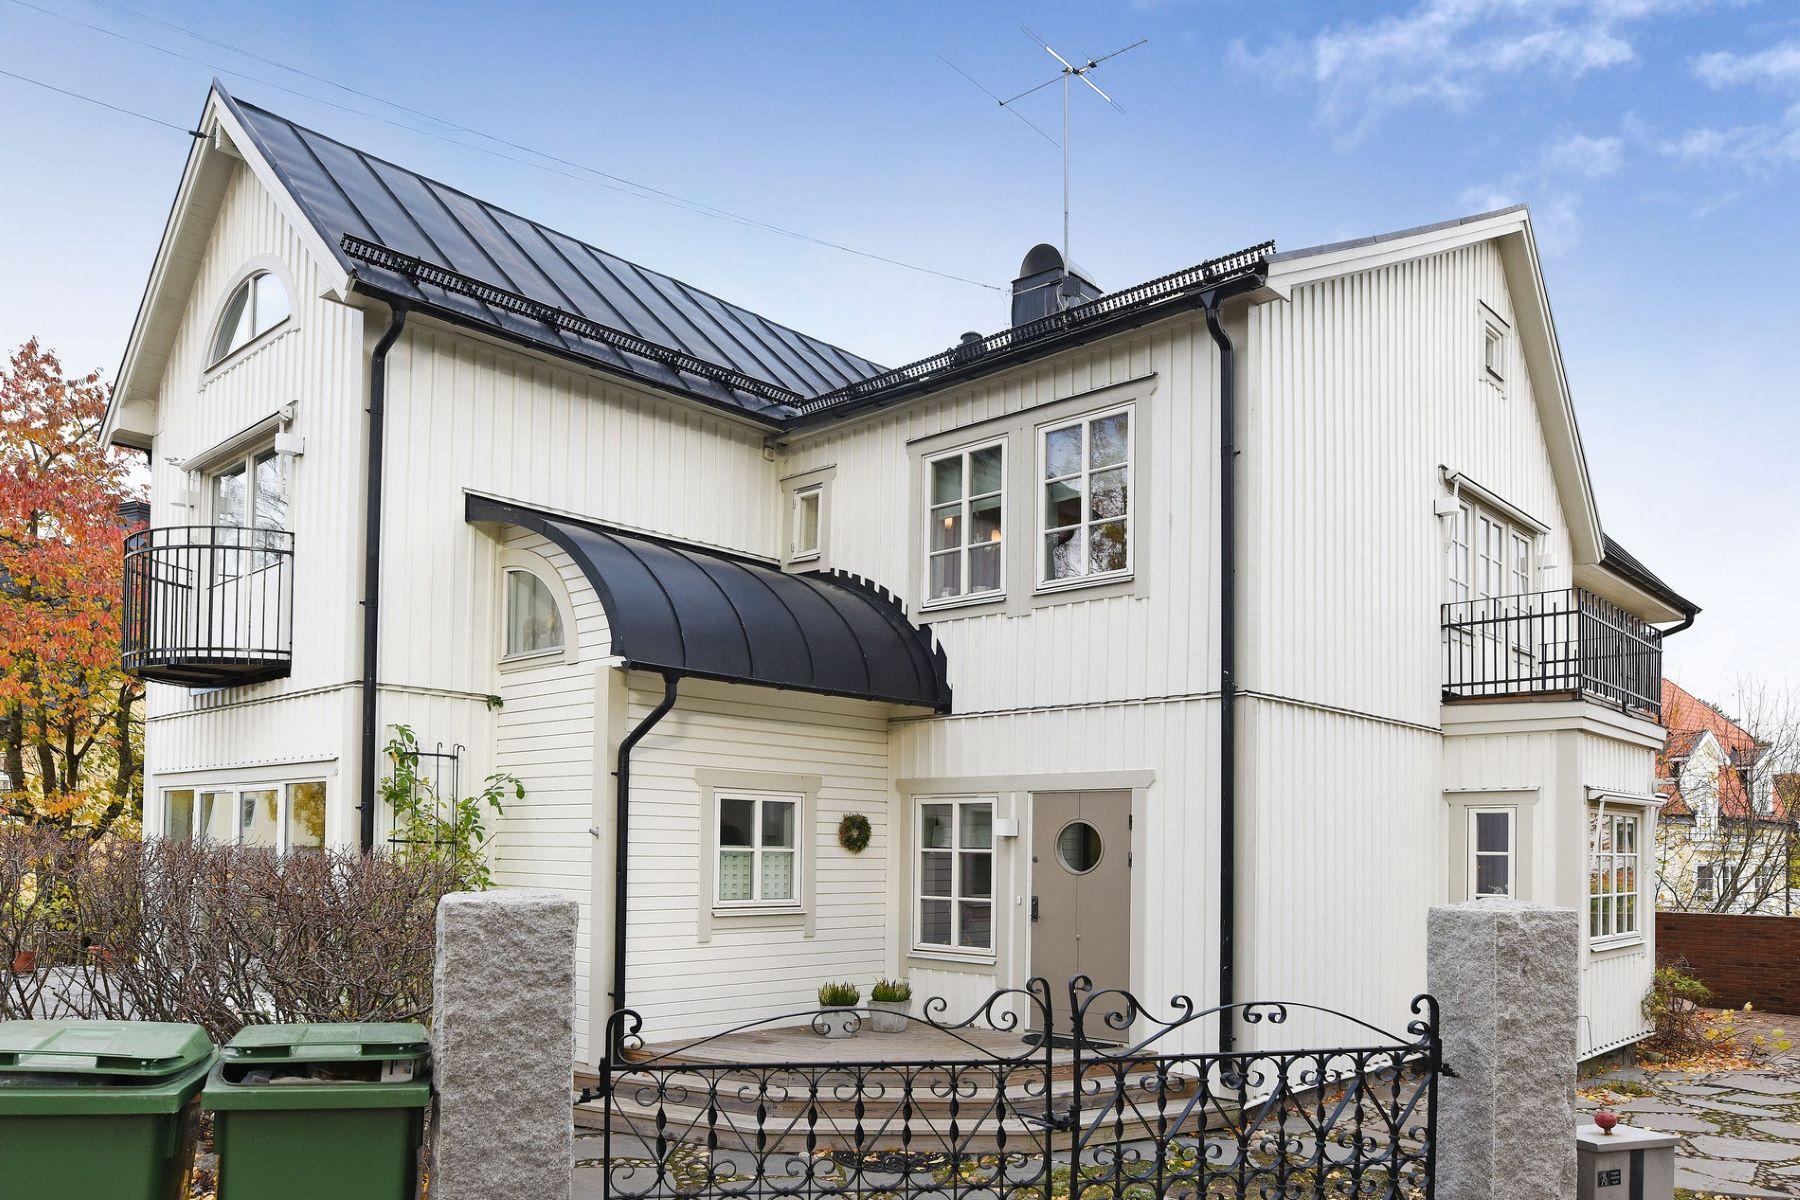 Single Family Home for Sale at Lapplandsvägen 1 Lidingo, Stockholm, 181 51 Sweden